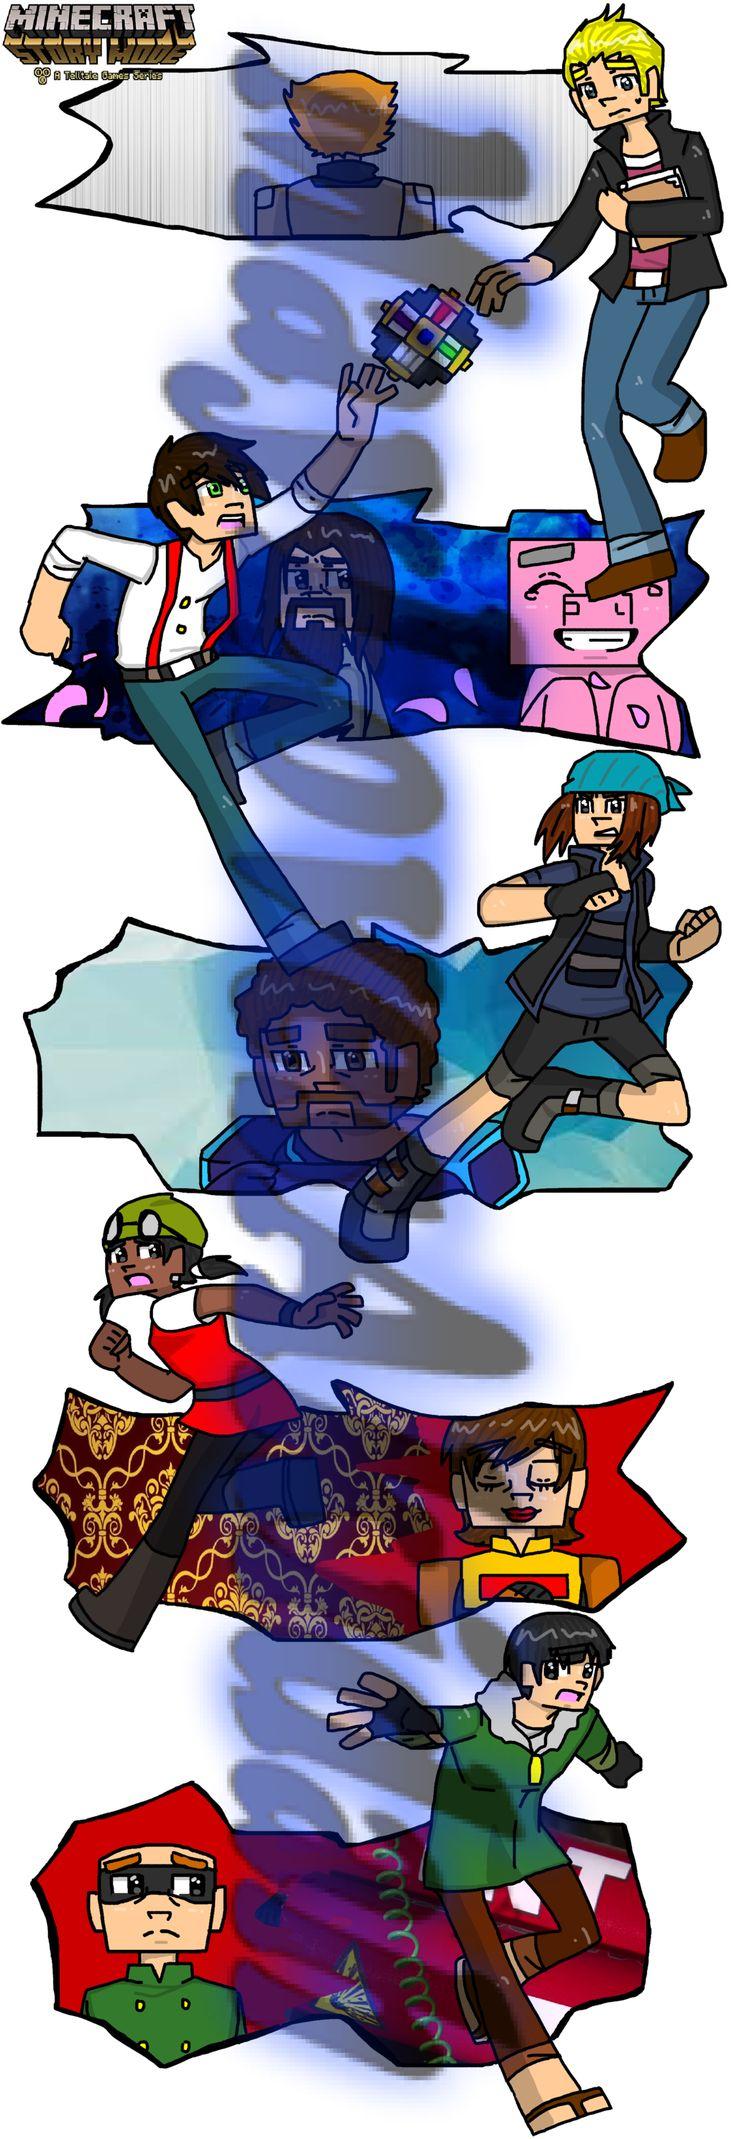 Minecraft story mode #14 by MaylovesAkidah on DeviantArt